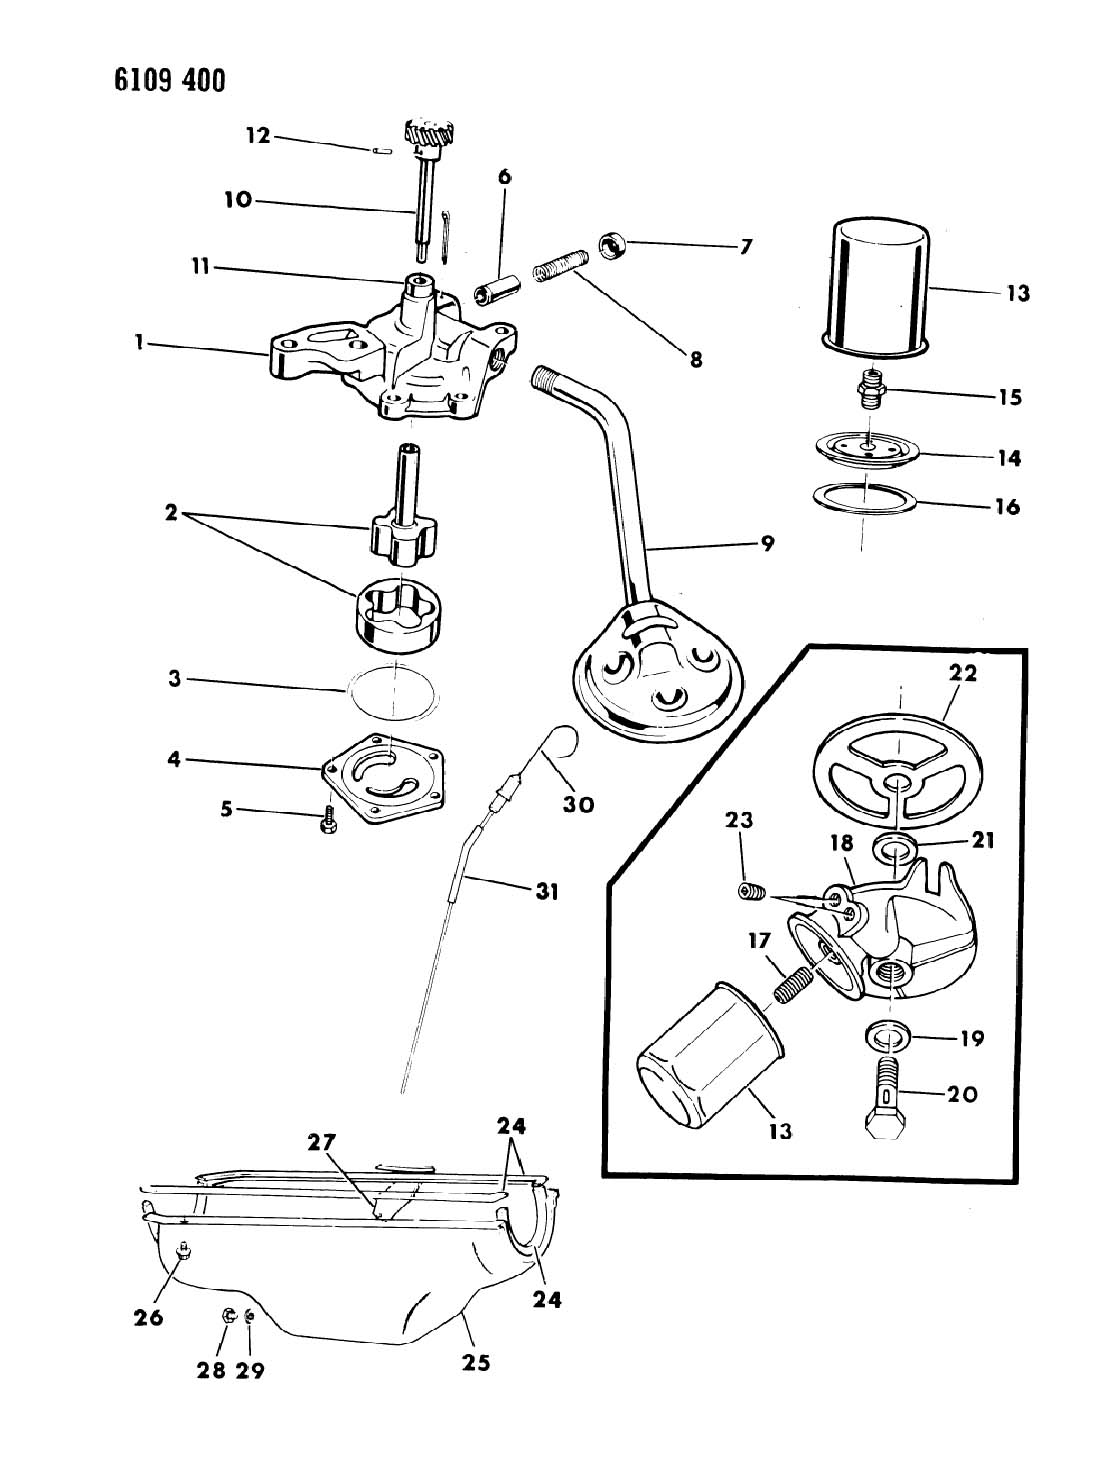 1988 Dodge Ram Van,Ram Wagon Gasket, oil filter adapter